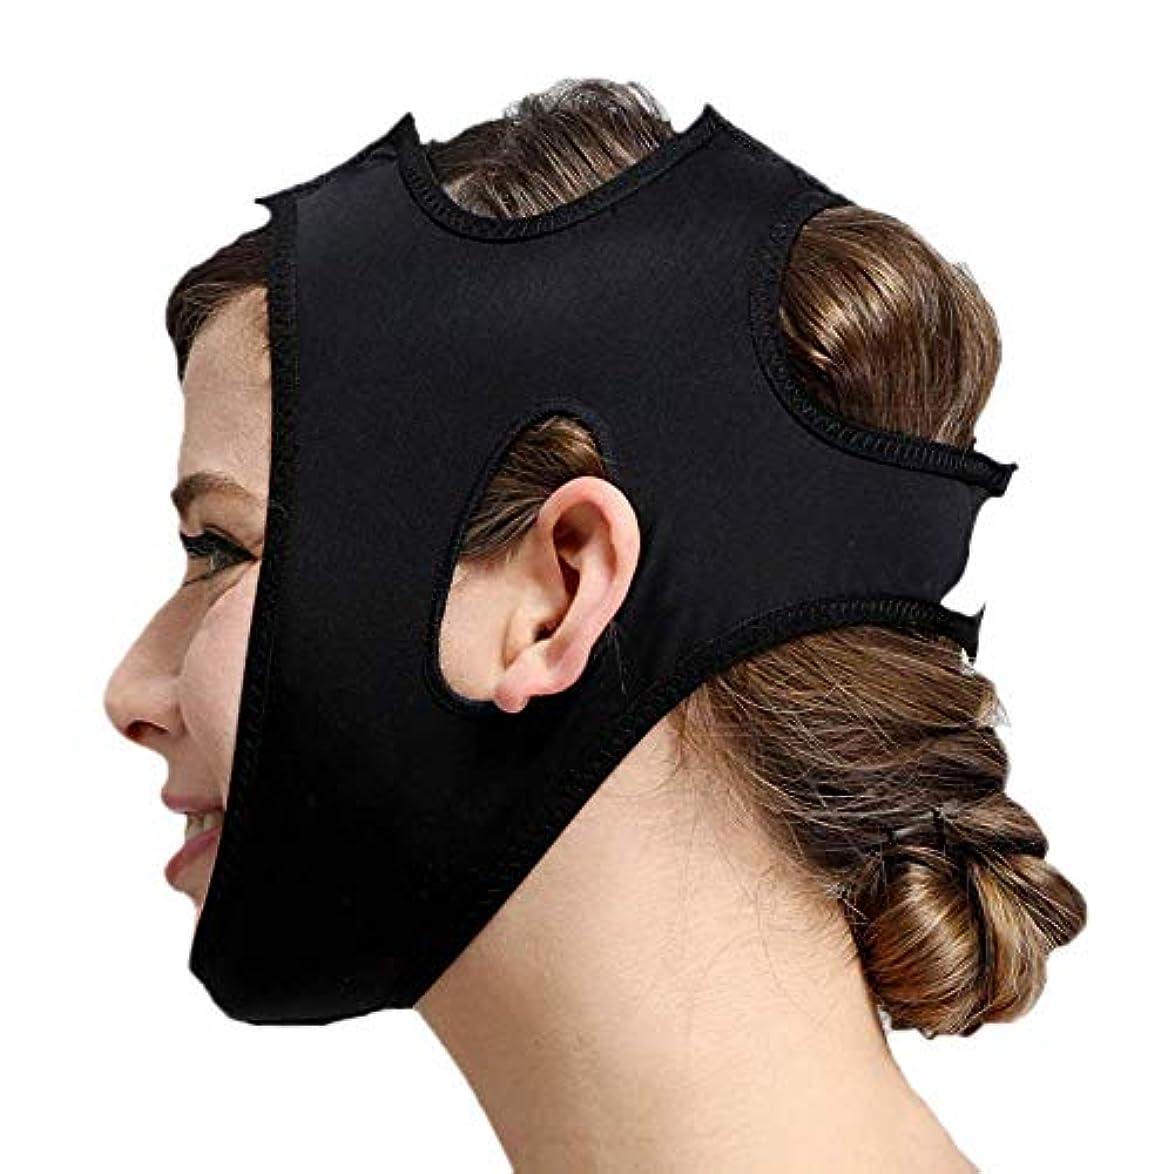 再集計登録砂のフェイススリミングマスク、快適さと通気性、フェイシャルリフティング、輪郭の改善された硬さ、ファーミングとリフティングフェイス(カラー:ブラック、サイズ:XL),黒、S